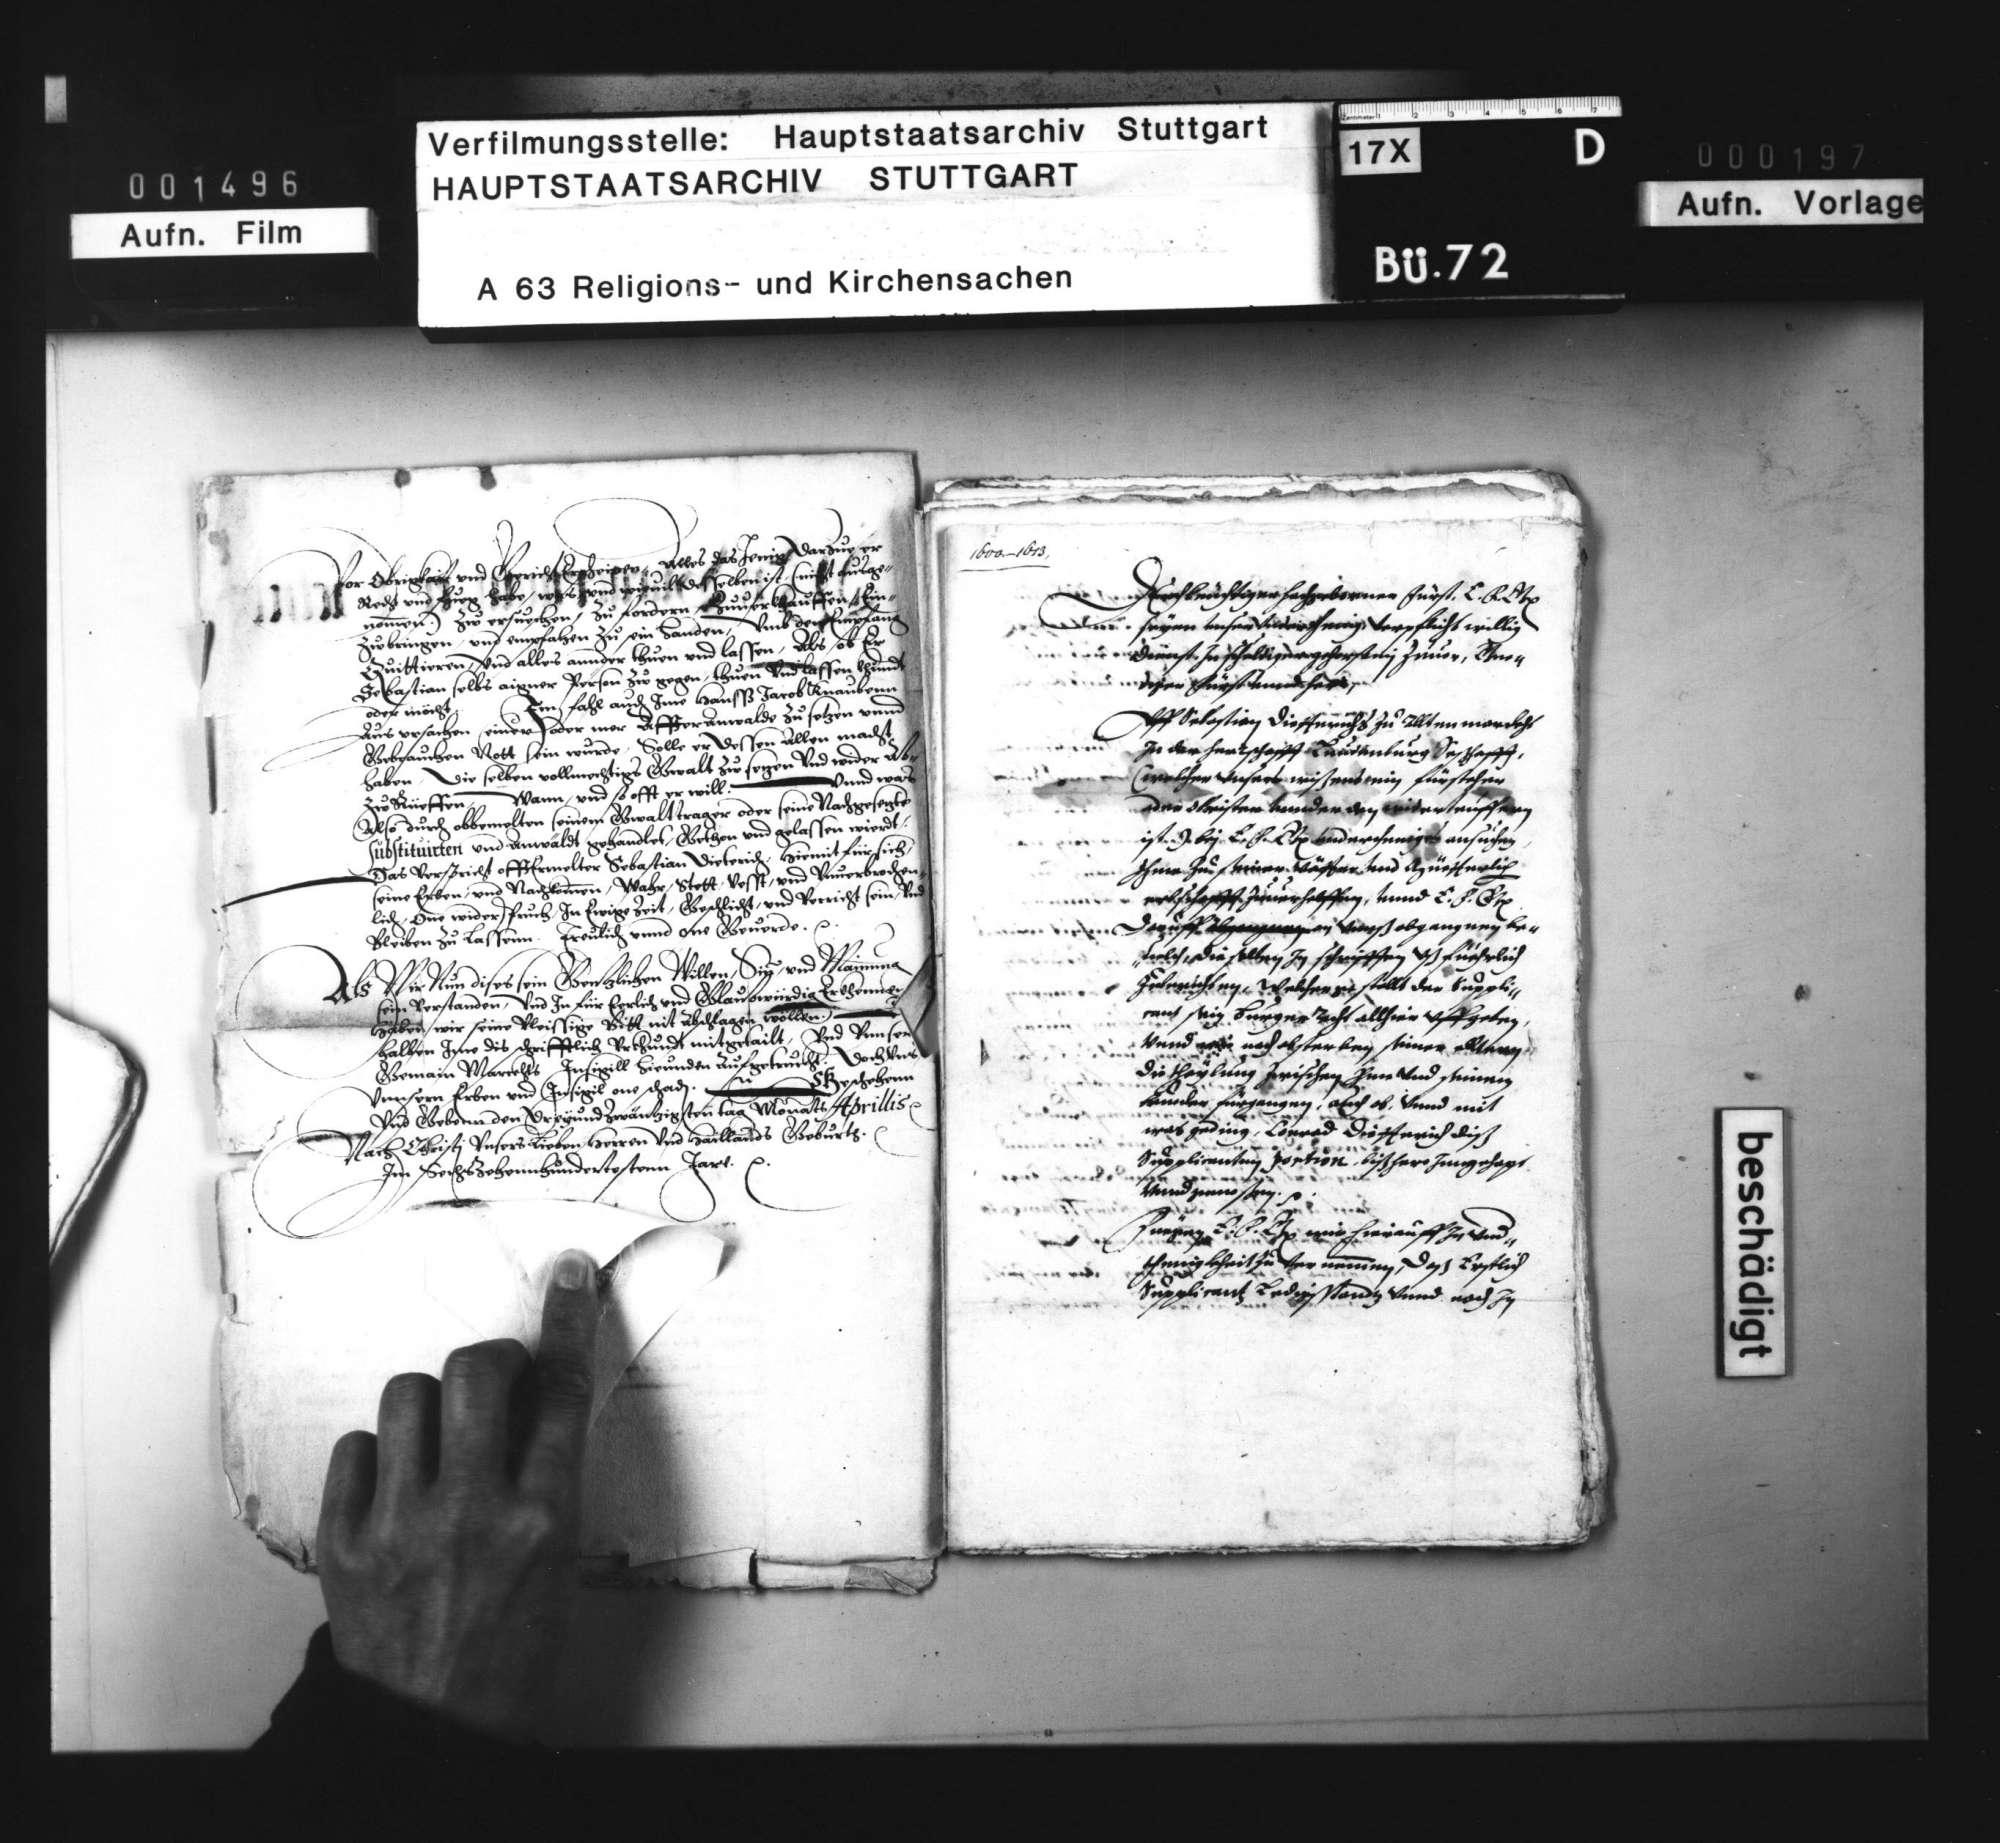 Schriften, betreffend die Verweigerung der Vermögensausfolge an einen nach Mähren ausgewanderten Wiedertäufer [Sebastian Dietrich aus Markgröningen]., Bild 3